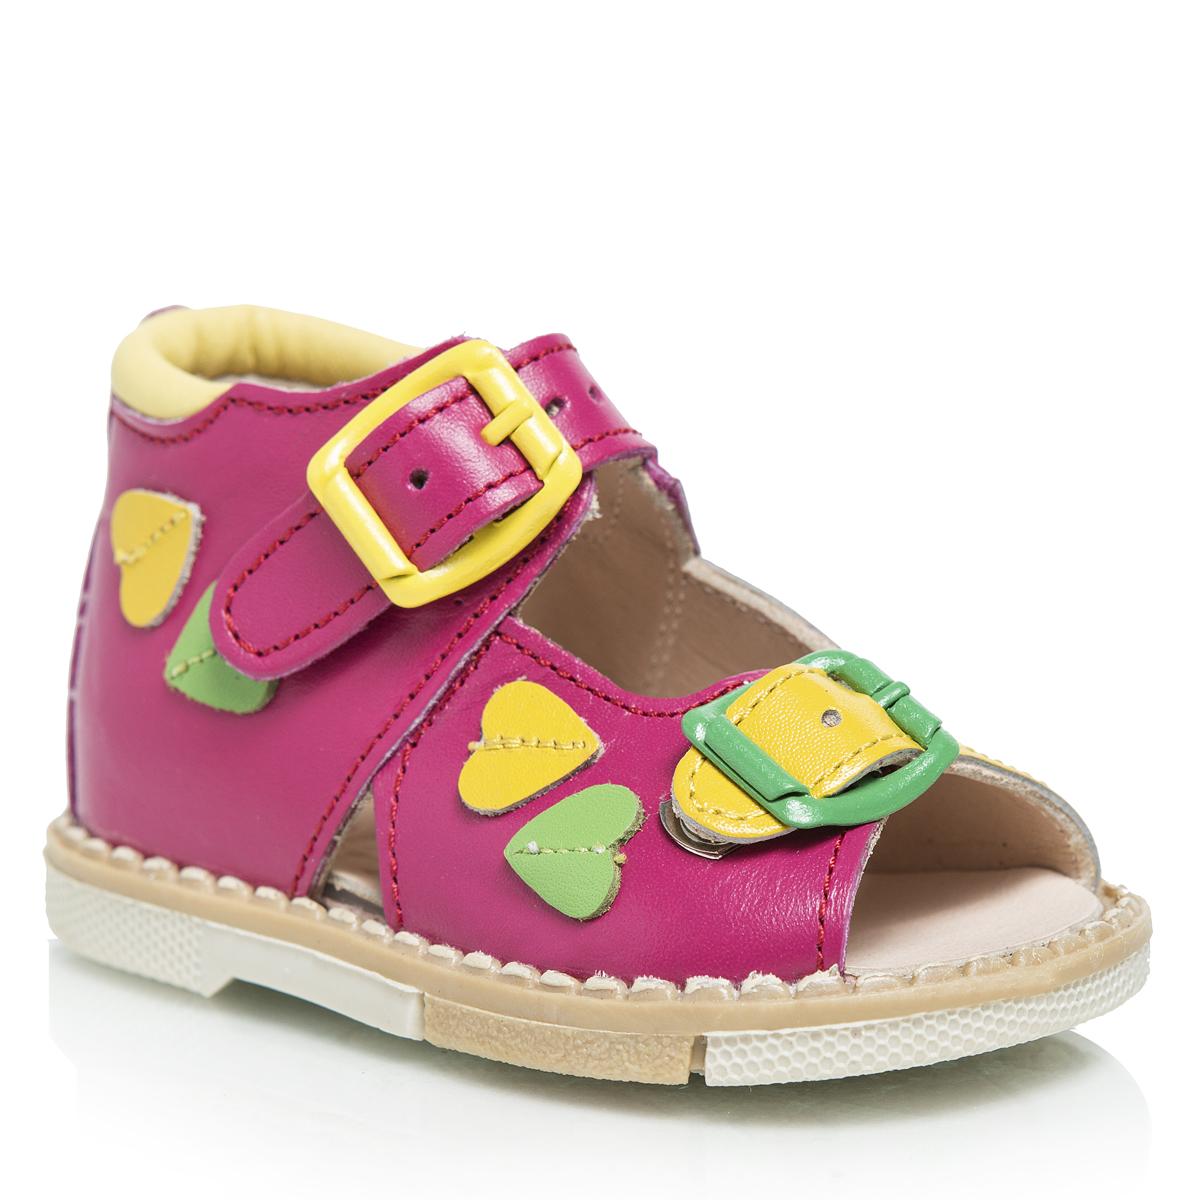 Сандалии для девочки. 119-30119-30Очаровательные детские сандалии Таши Орто приведут в восторг вашу маленькую модницу. Модель выполнена из натуральной кожи контрастных цветов. Ремешки на застежке-пряжке помогают оптимально подогнать полноту обуви по ноге и гарантируют надежную фиксацию. Сбоку сандалии декорированы цветными нашивками из кожи в виде сердец. Литая анатомическая стелька из натуральной кожи со сводоподдерживающим элементом и латексным покрытием, не продавливающаяся во время носки, обеспечивает правильное формирование стопы. Благодаря использованию современных внутренних материалов, позволяет оптимально распределить нагрузку по всей площади стопы, дает ножке ощущение мягкости и комфорта. Полужесткий задник фиксирует ножку ребенка, не давая ей смещаться из стороны в сторону и назад. Мягкая верхняя часть, которая плотно прилегает к ножке, и подкладка, изготовленная из натуральной кожи, позволяют избежать натирания. Широкий, устойчивый каблук, специальной конфигурации каблук Томаса, продлен с внутренней...